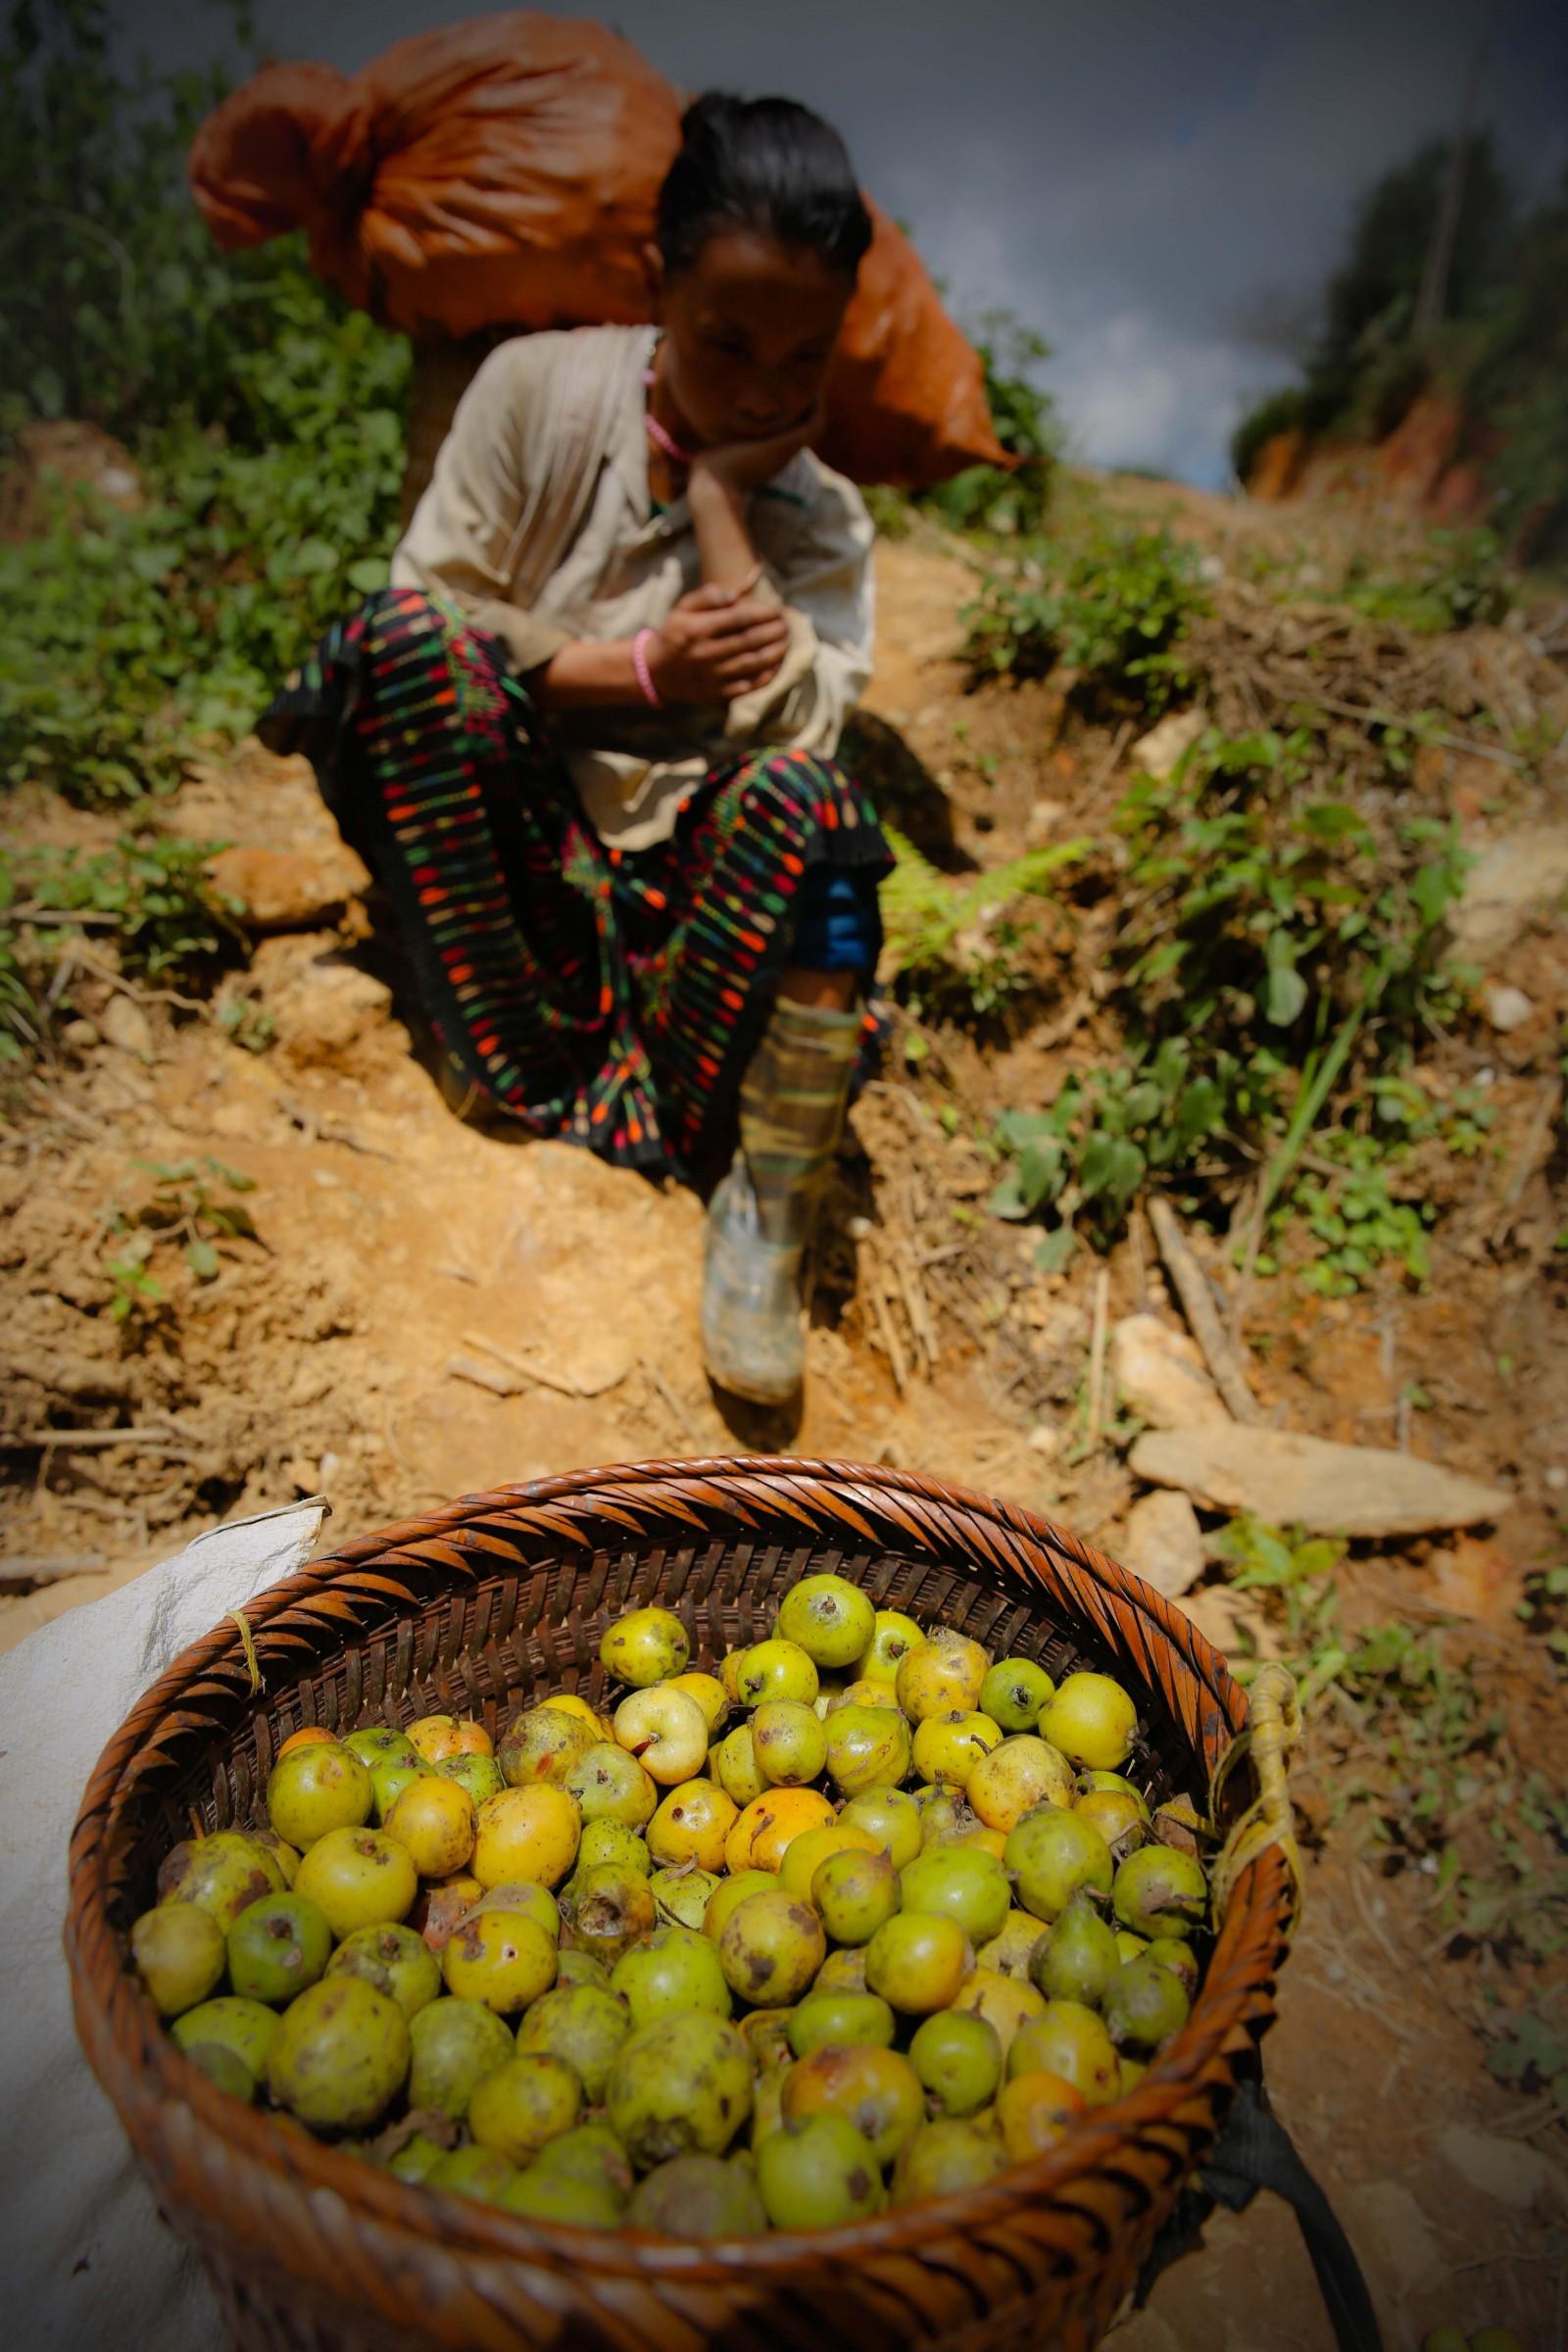 Quả táo mèo thường chín và rụng vào dịp cuối mùa thu trong những cánh rừng xa bản nên bà con dân tộc Mông thường thu nhặt quả về, bán kiếm thêm thu nhập cho gia đình.